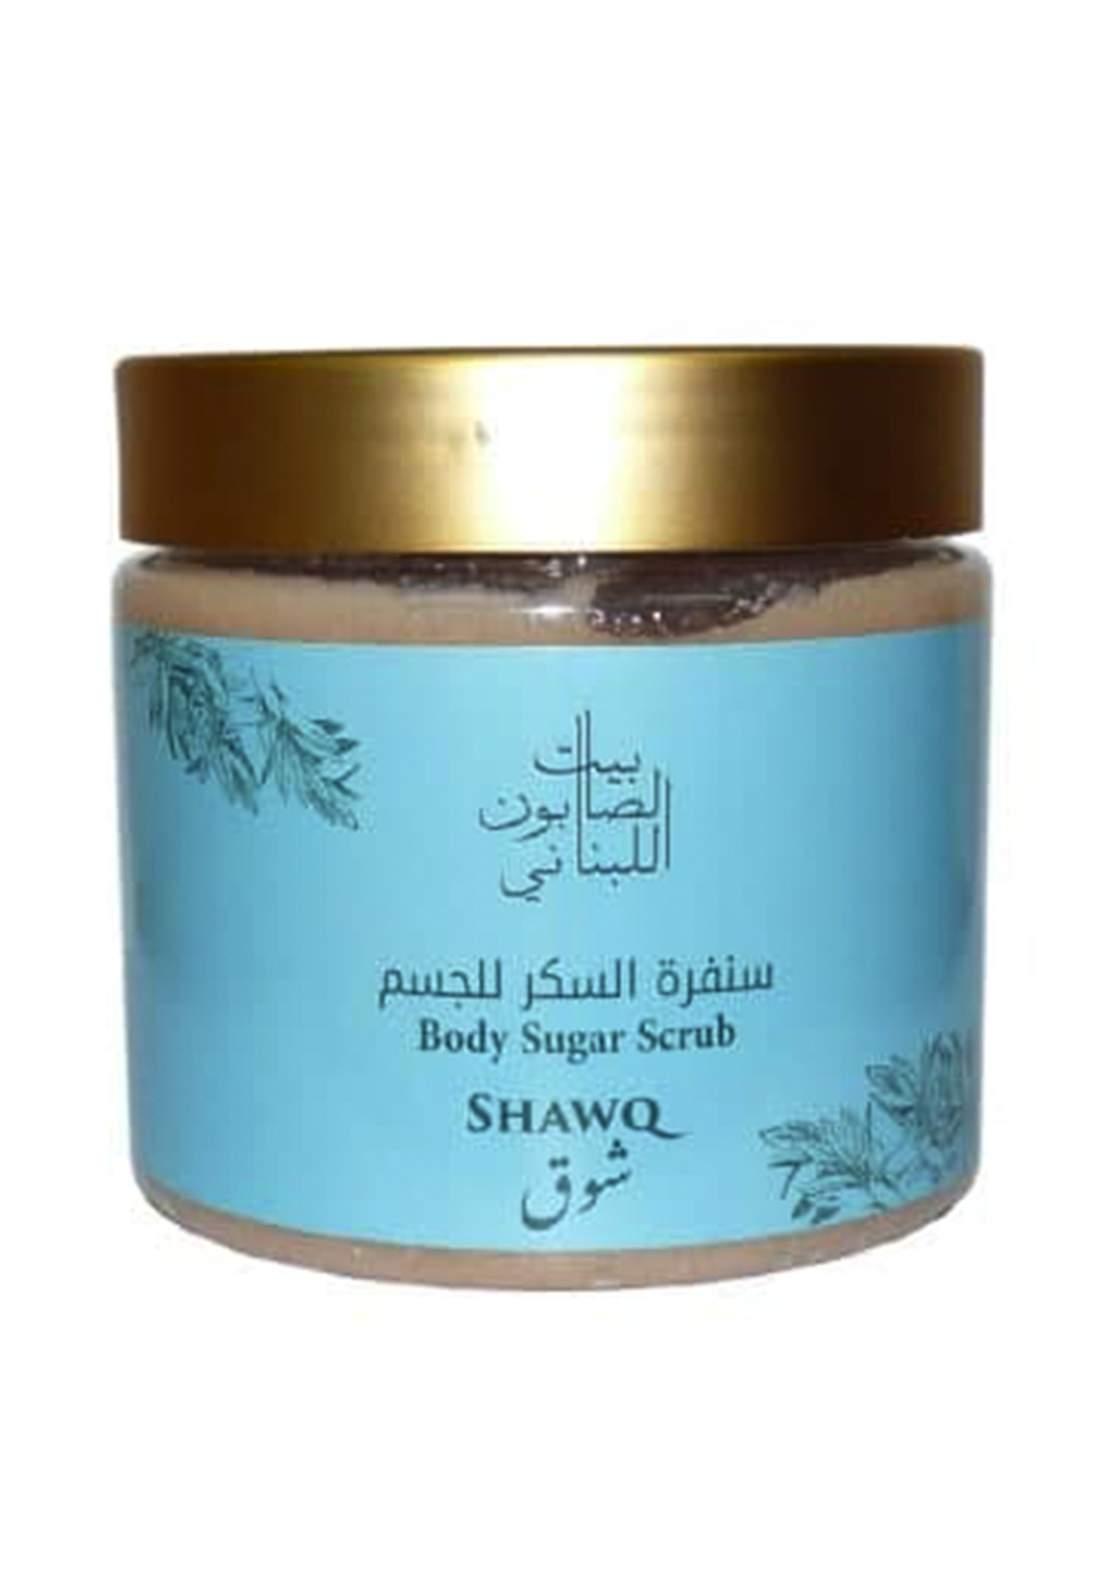 Bayt Alsaboun Alloubnani-317448 Body Sugar Scrub Shawq 500g سنفرة